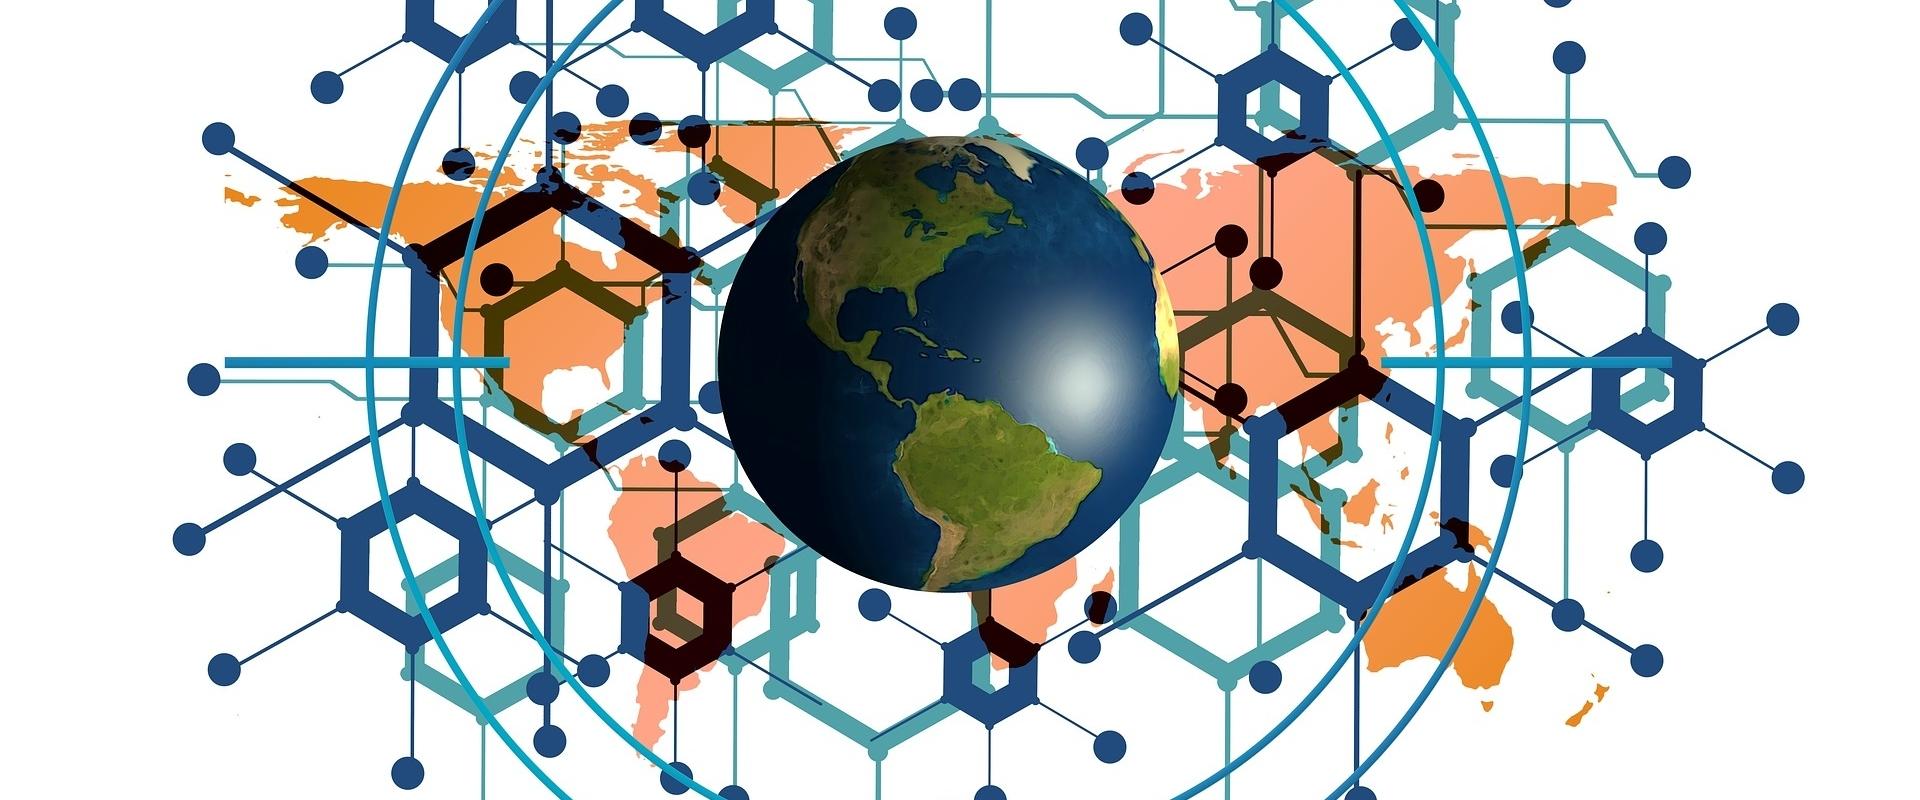 De toekomst van de ISO 14001: Toenemende aandacht voor duurzaamheidsonderwerpen?